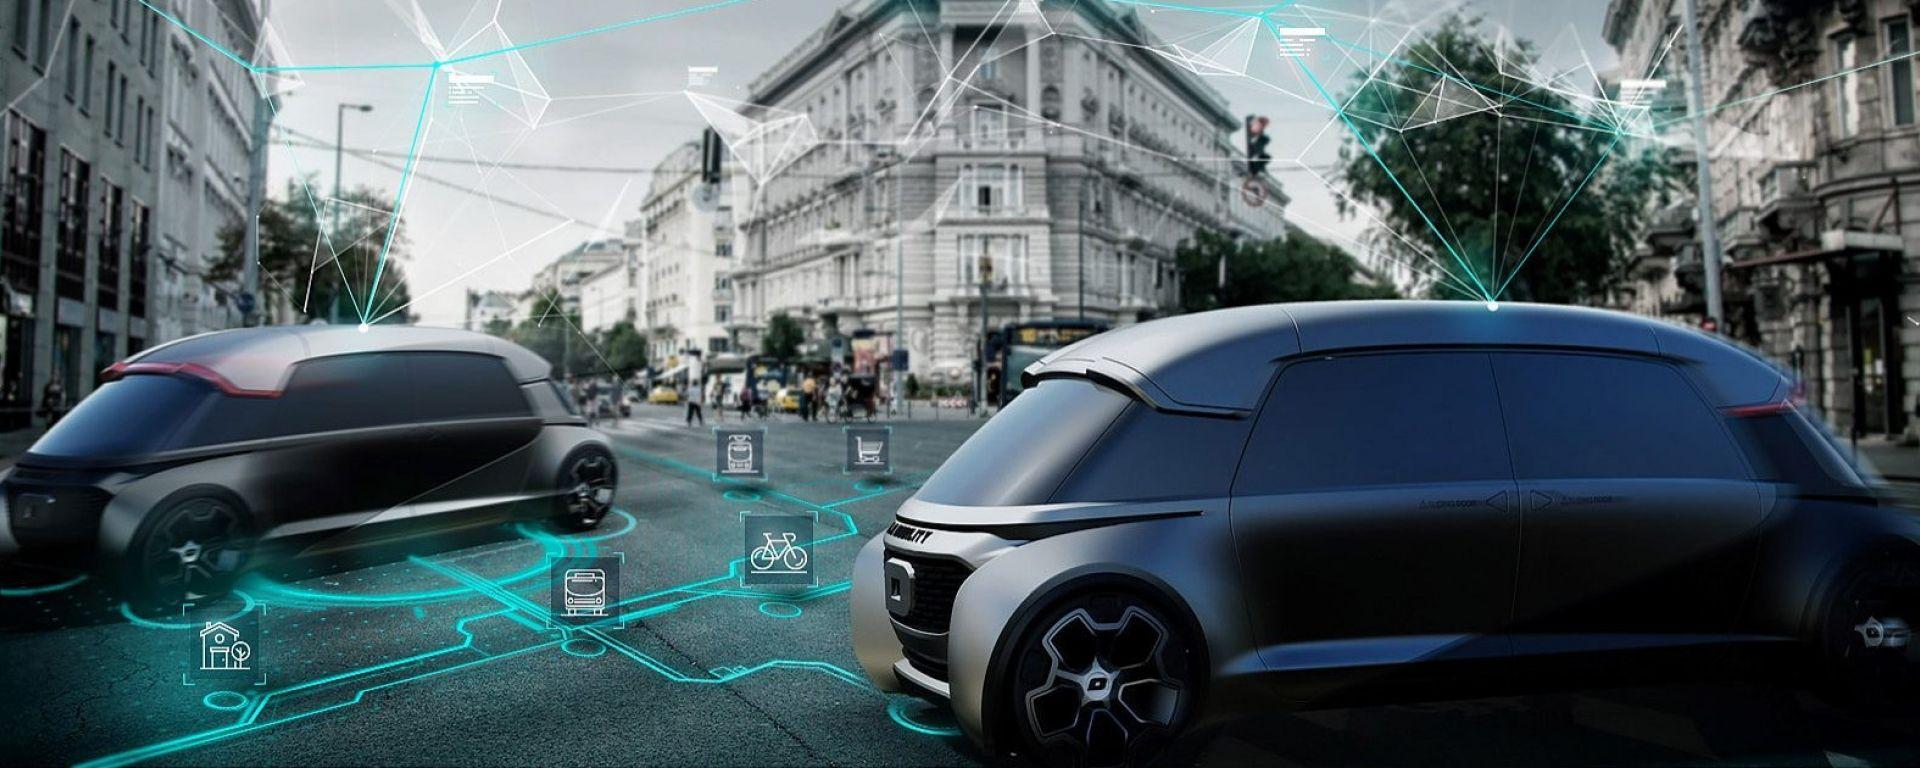 Germania, auto a guida autonoma dal 2022? Più o meno